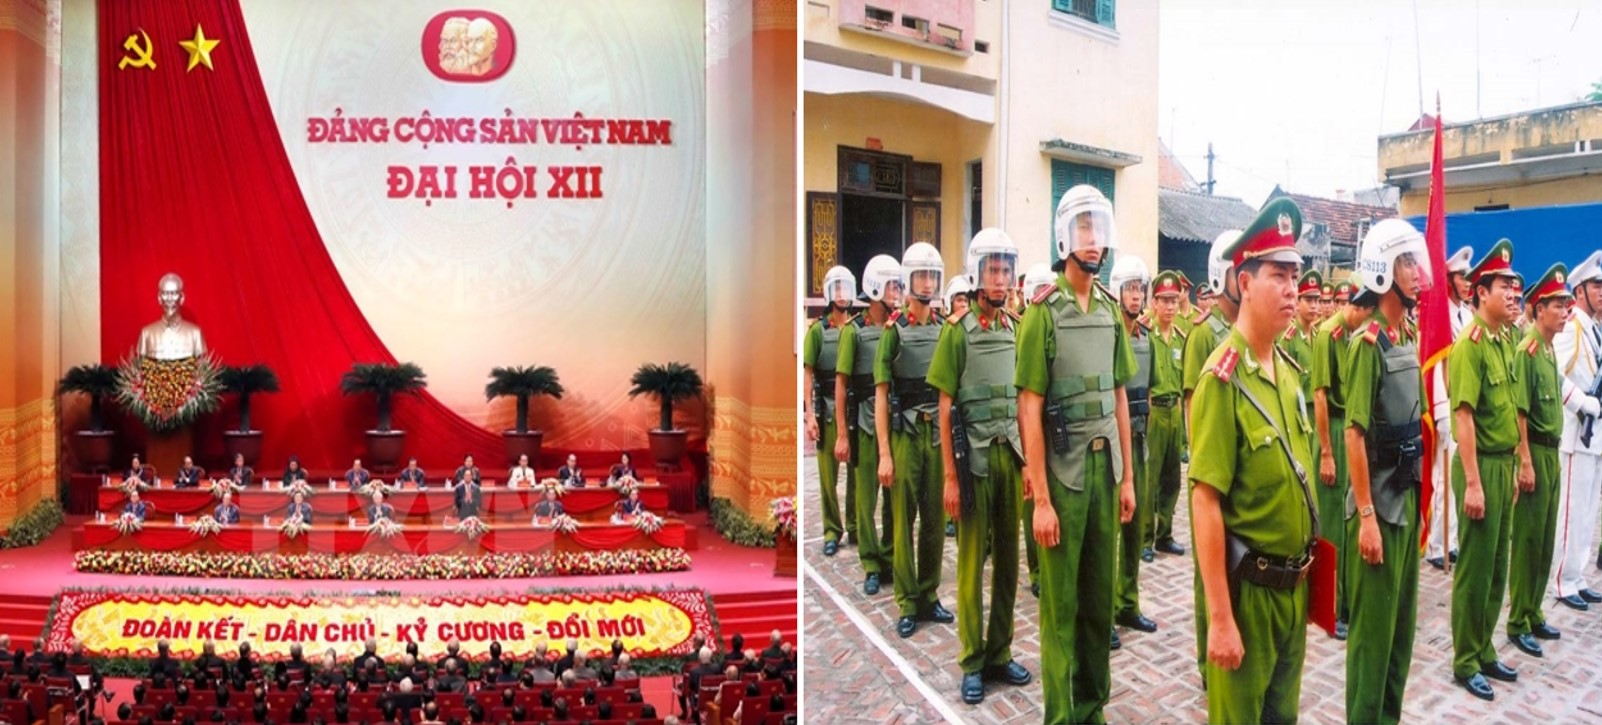 왜 베트남 시장인가 -5. 안정적인 사회체제